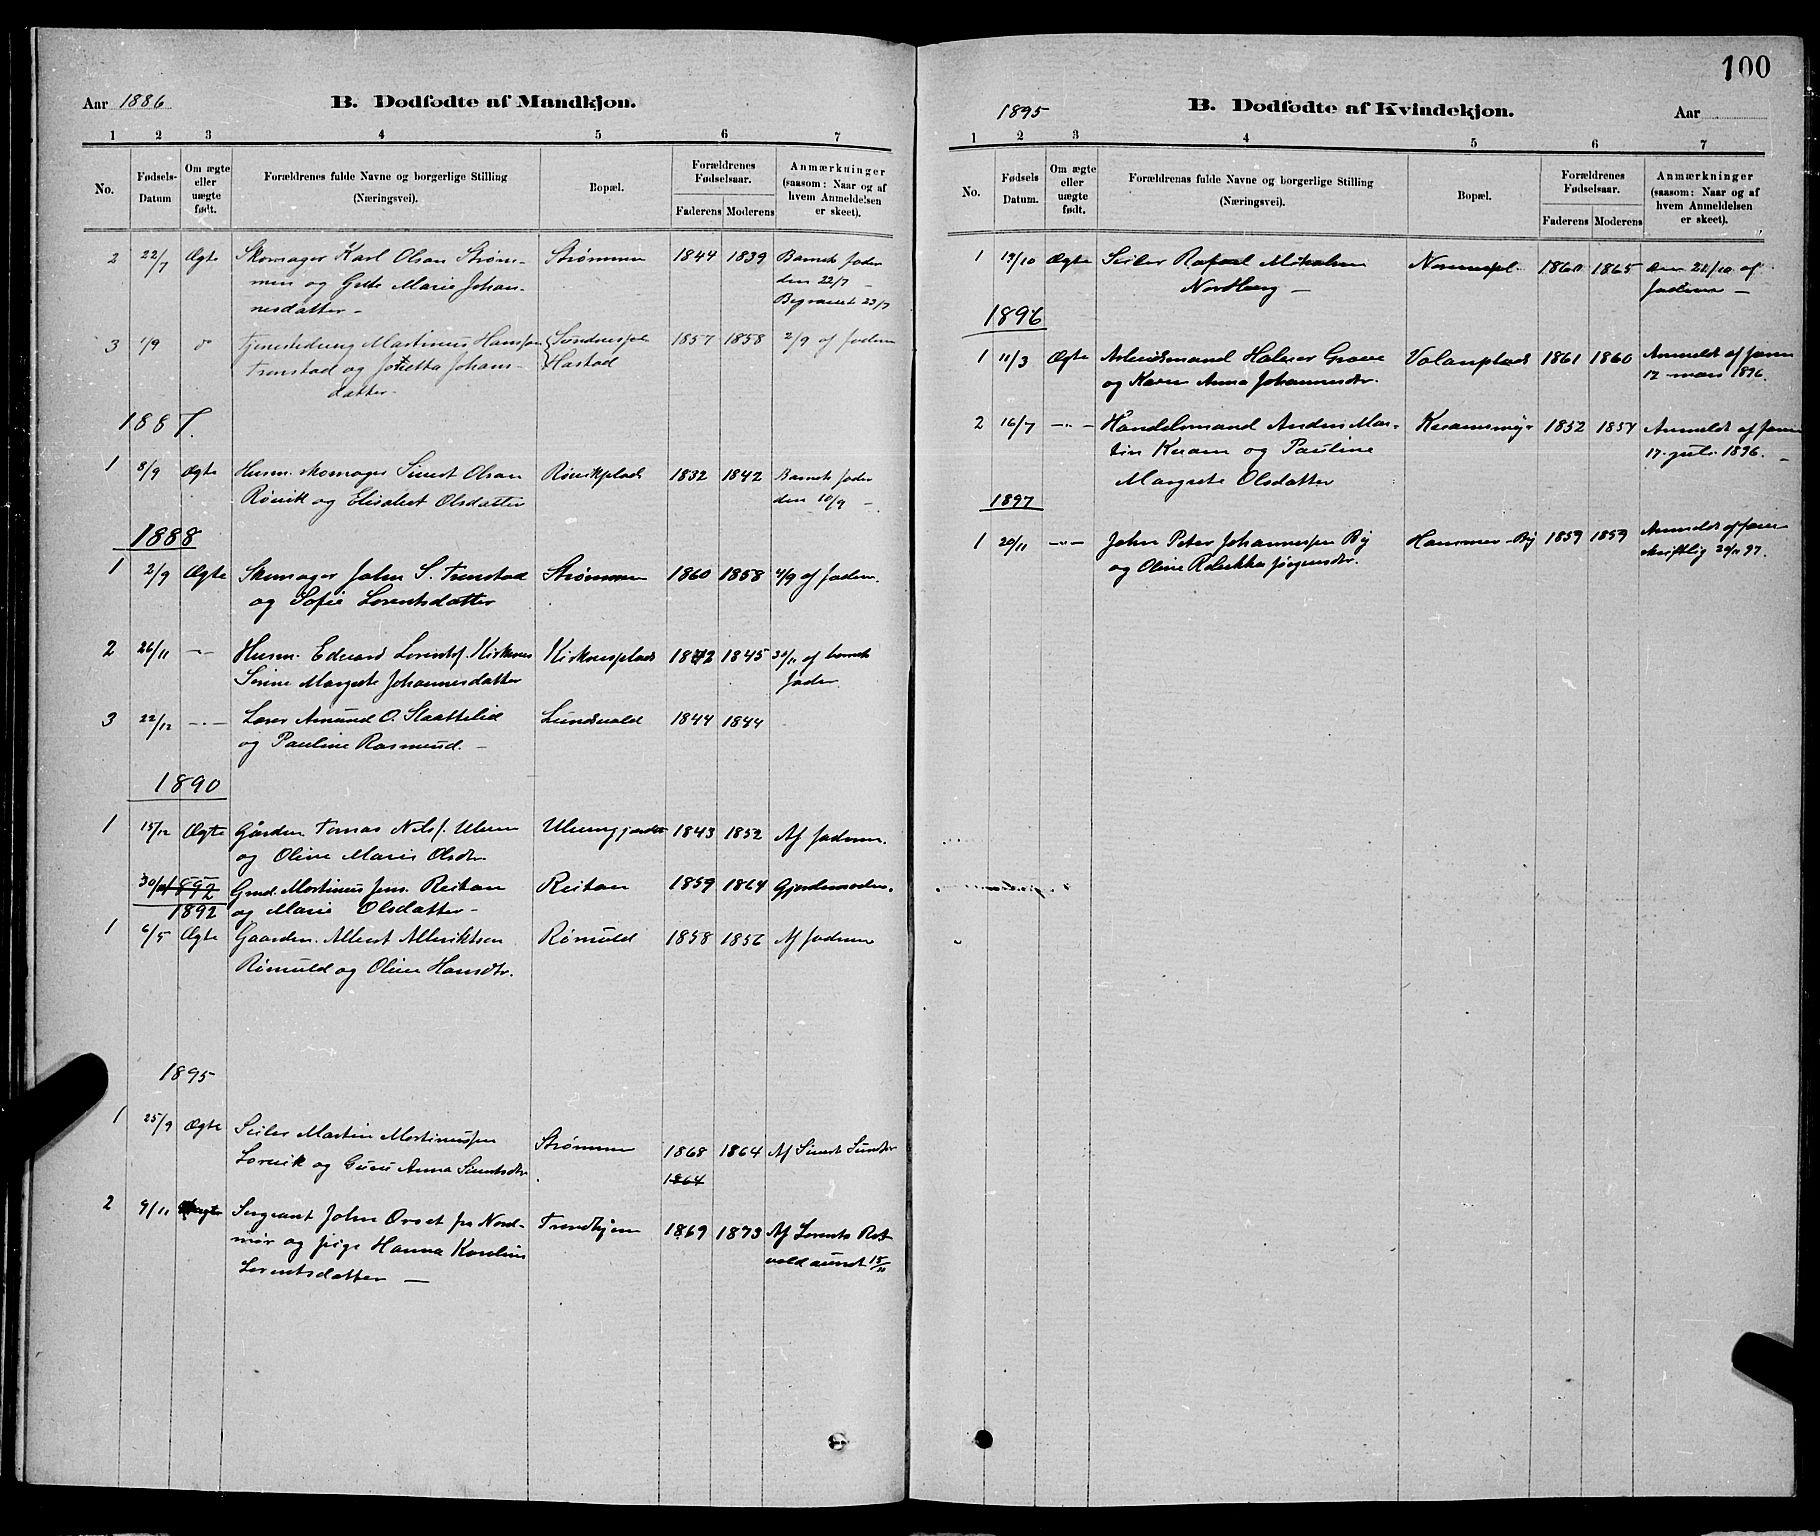 SAT, Ministerialprotokoller, klokkerbøker og fødselsregistre - Nord-Trøndelag, 730/L0301: Klokkerbok nr. 730C04, 1880-1897, s. 100